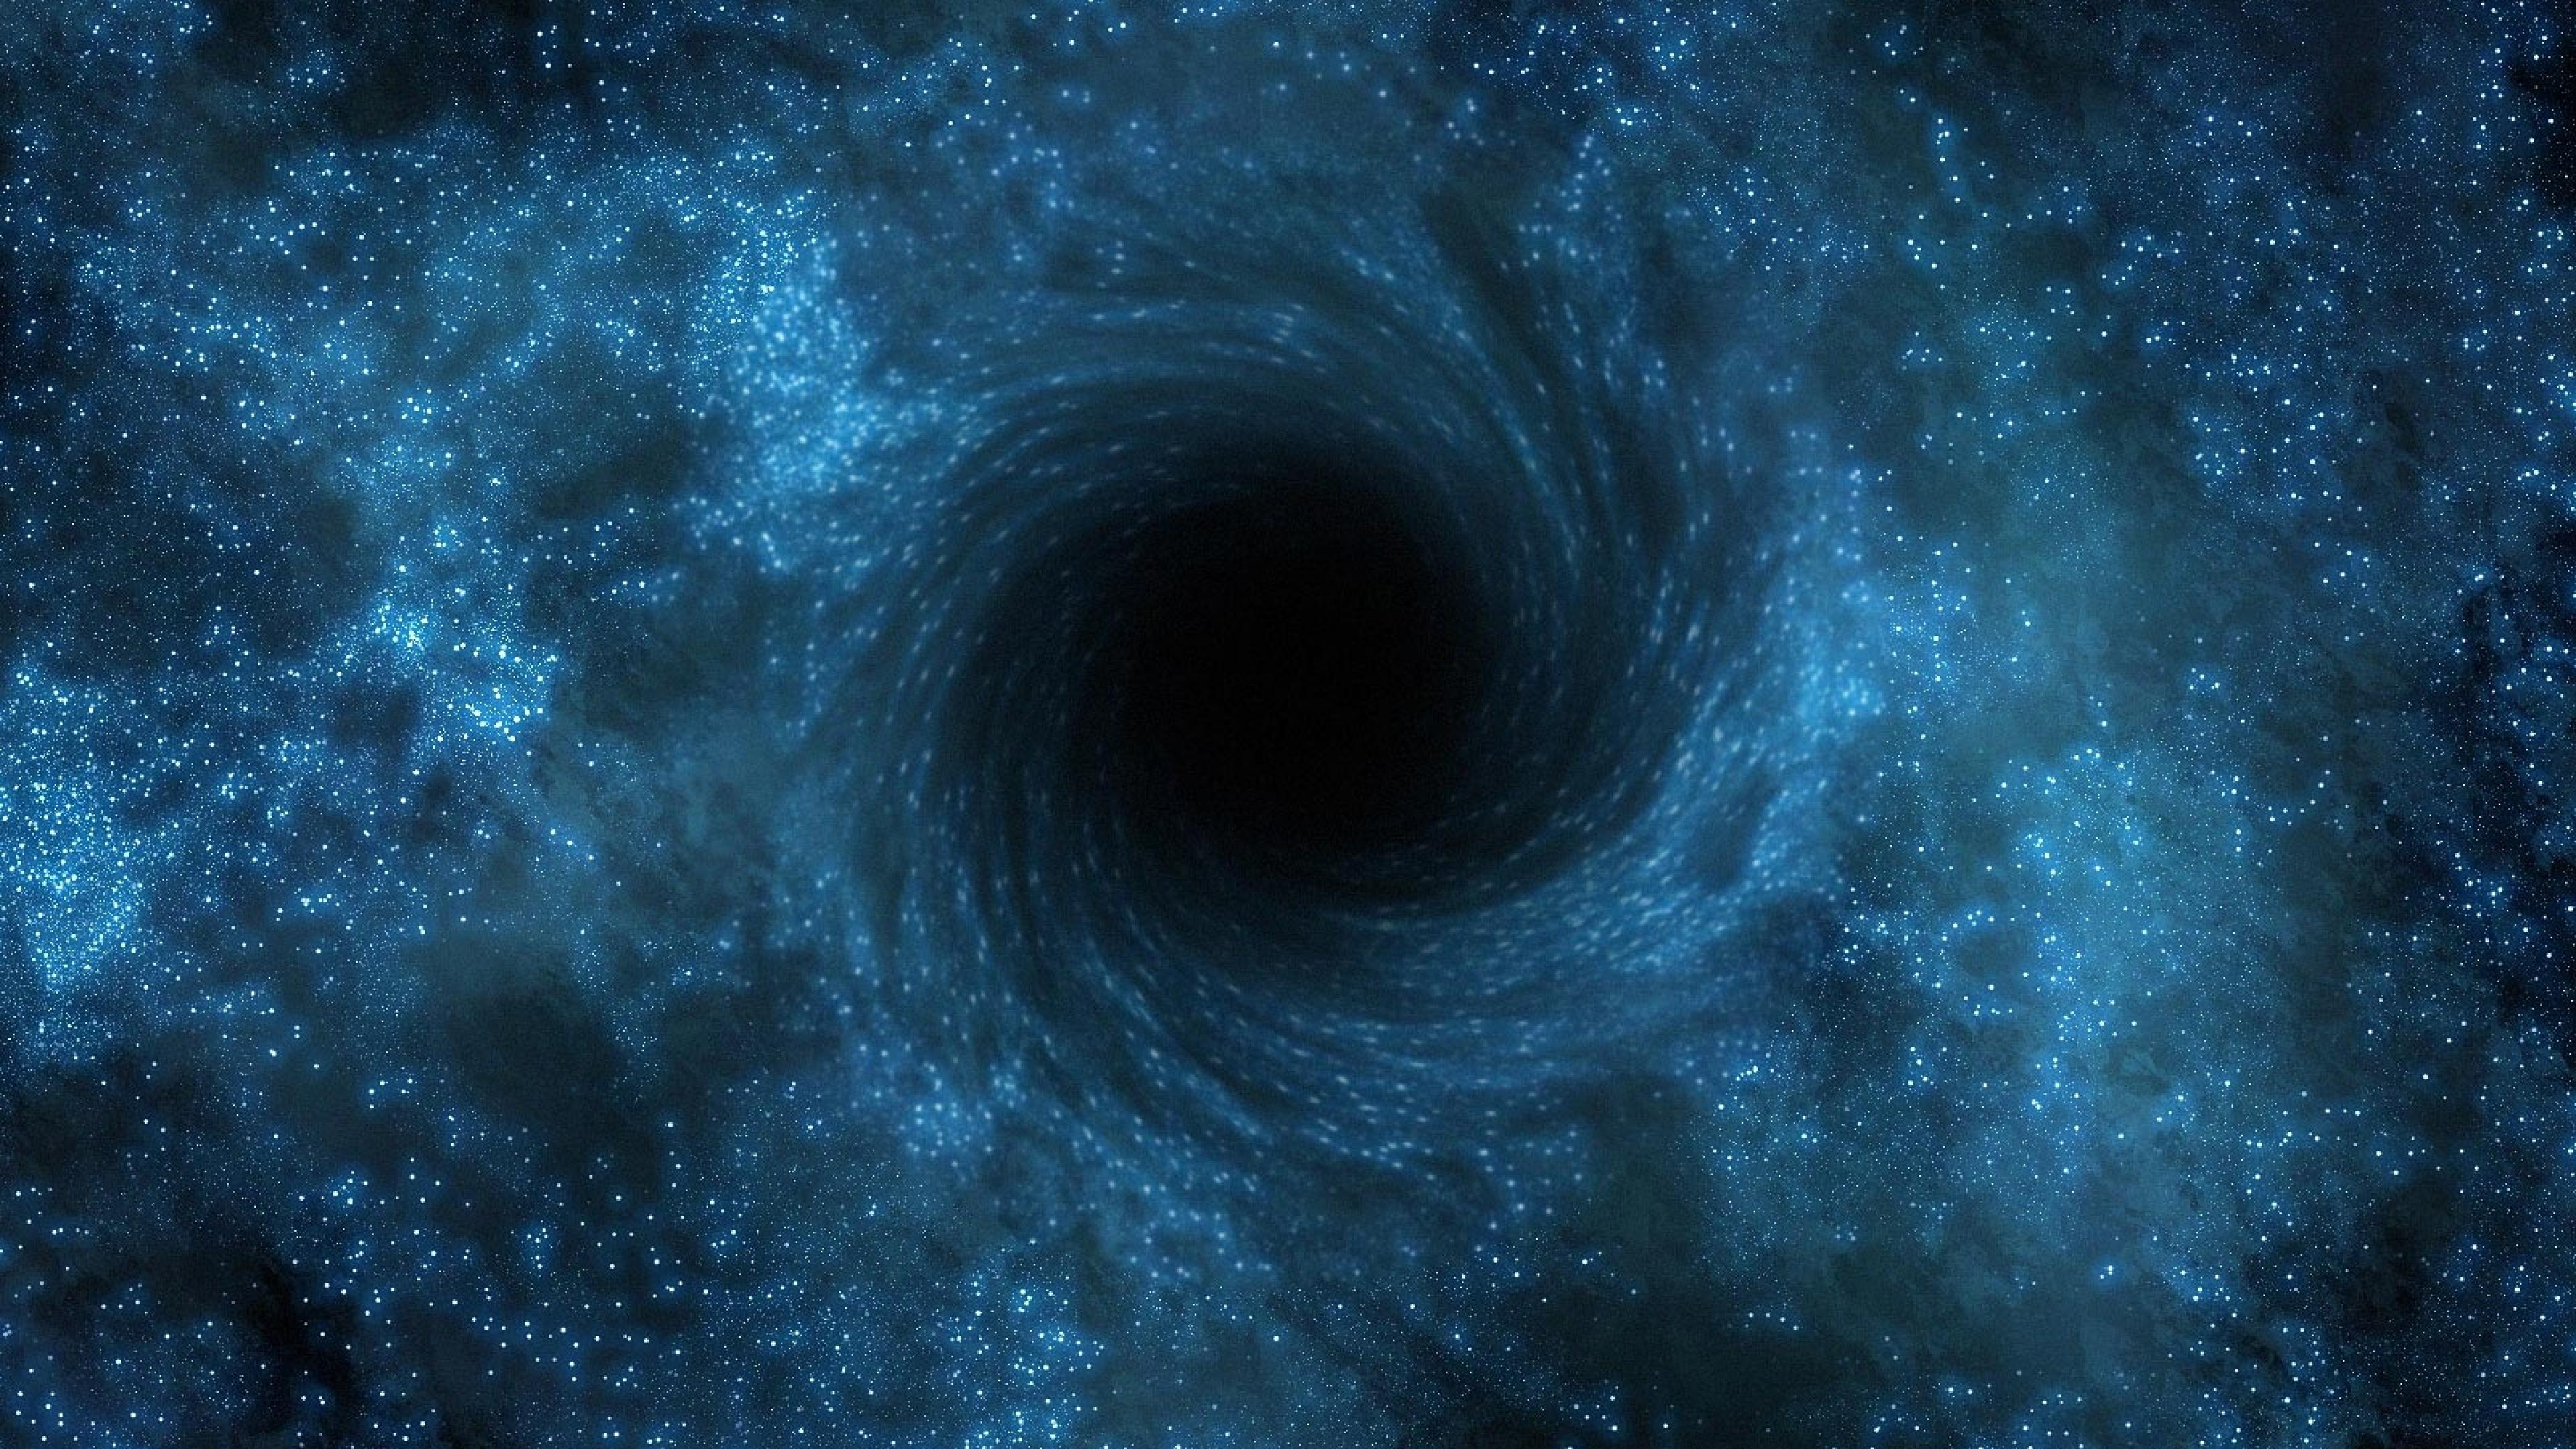 Black Hole Wallpapers 4USkYcom 3840x2160